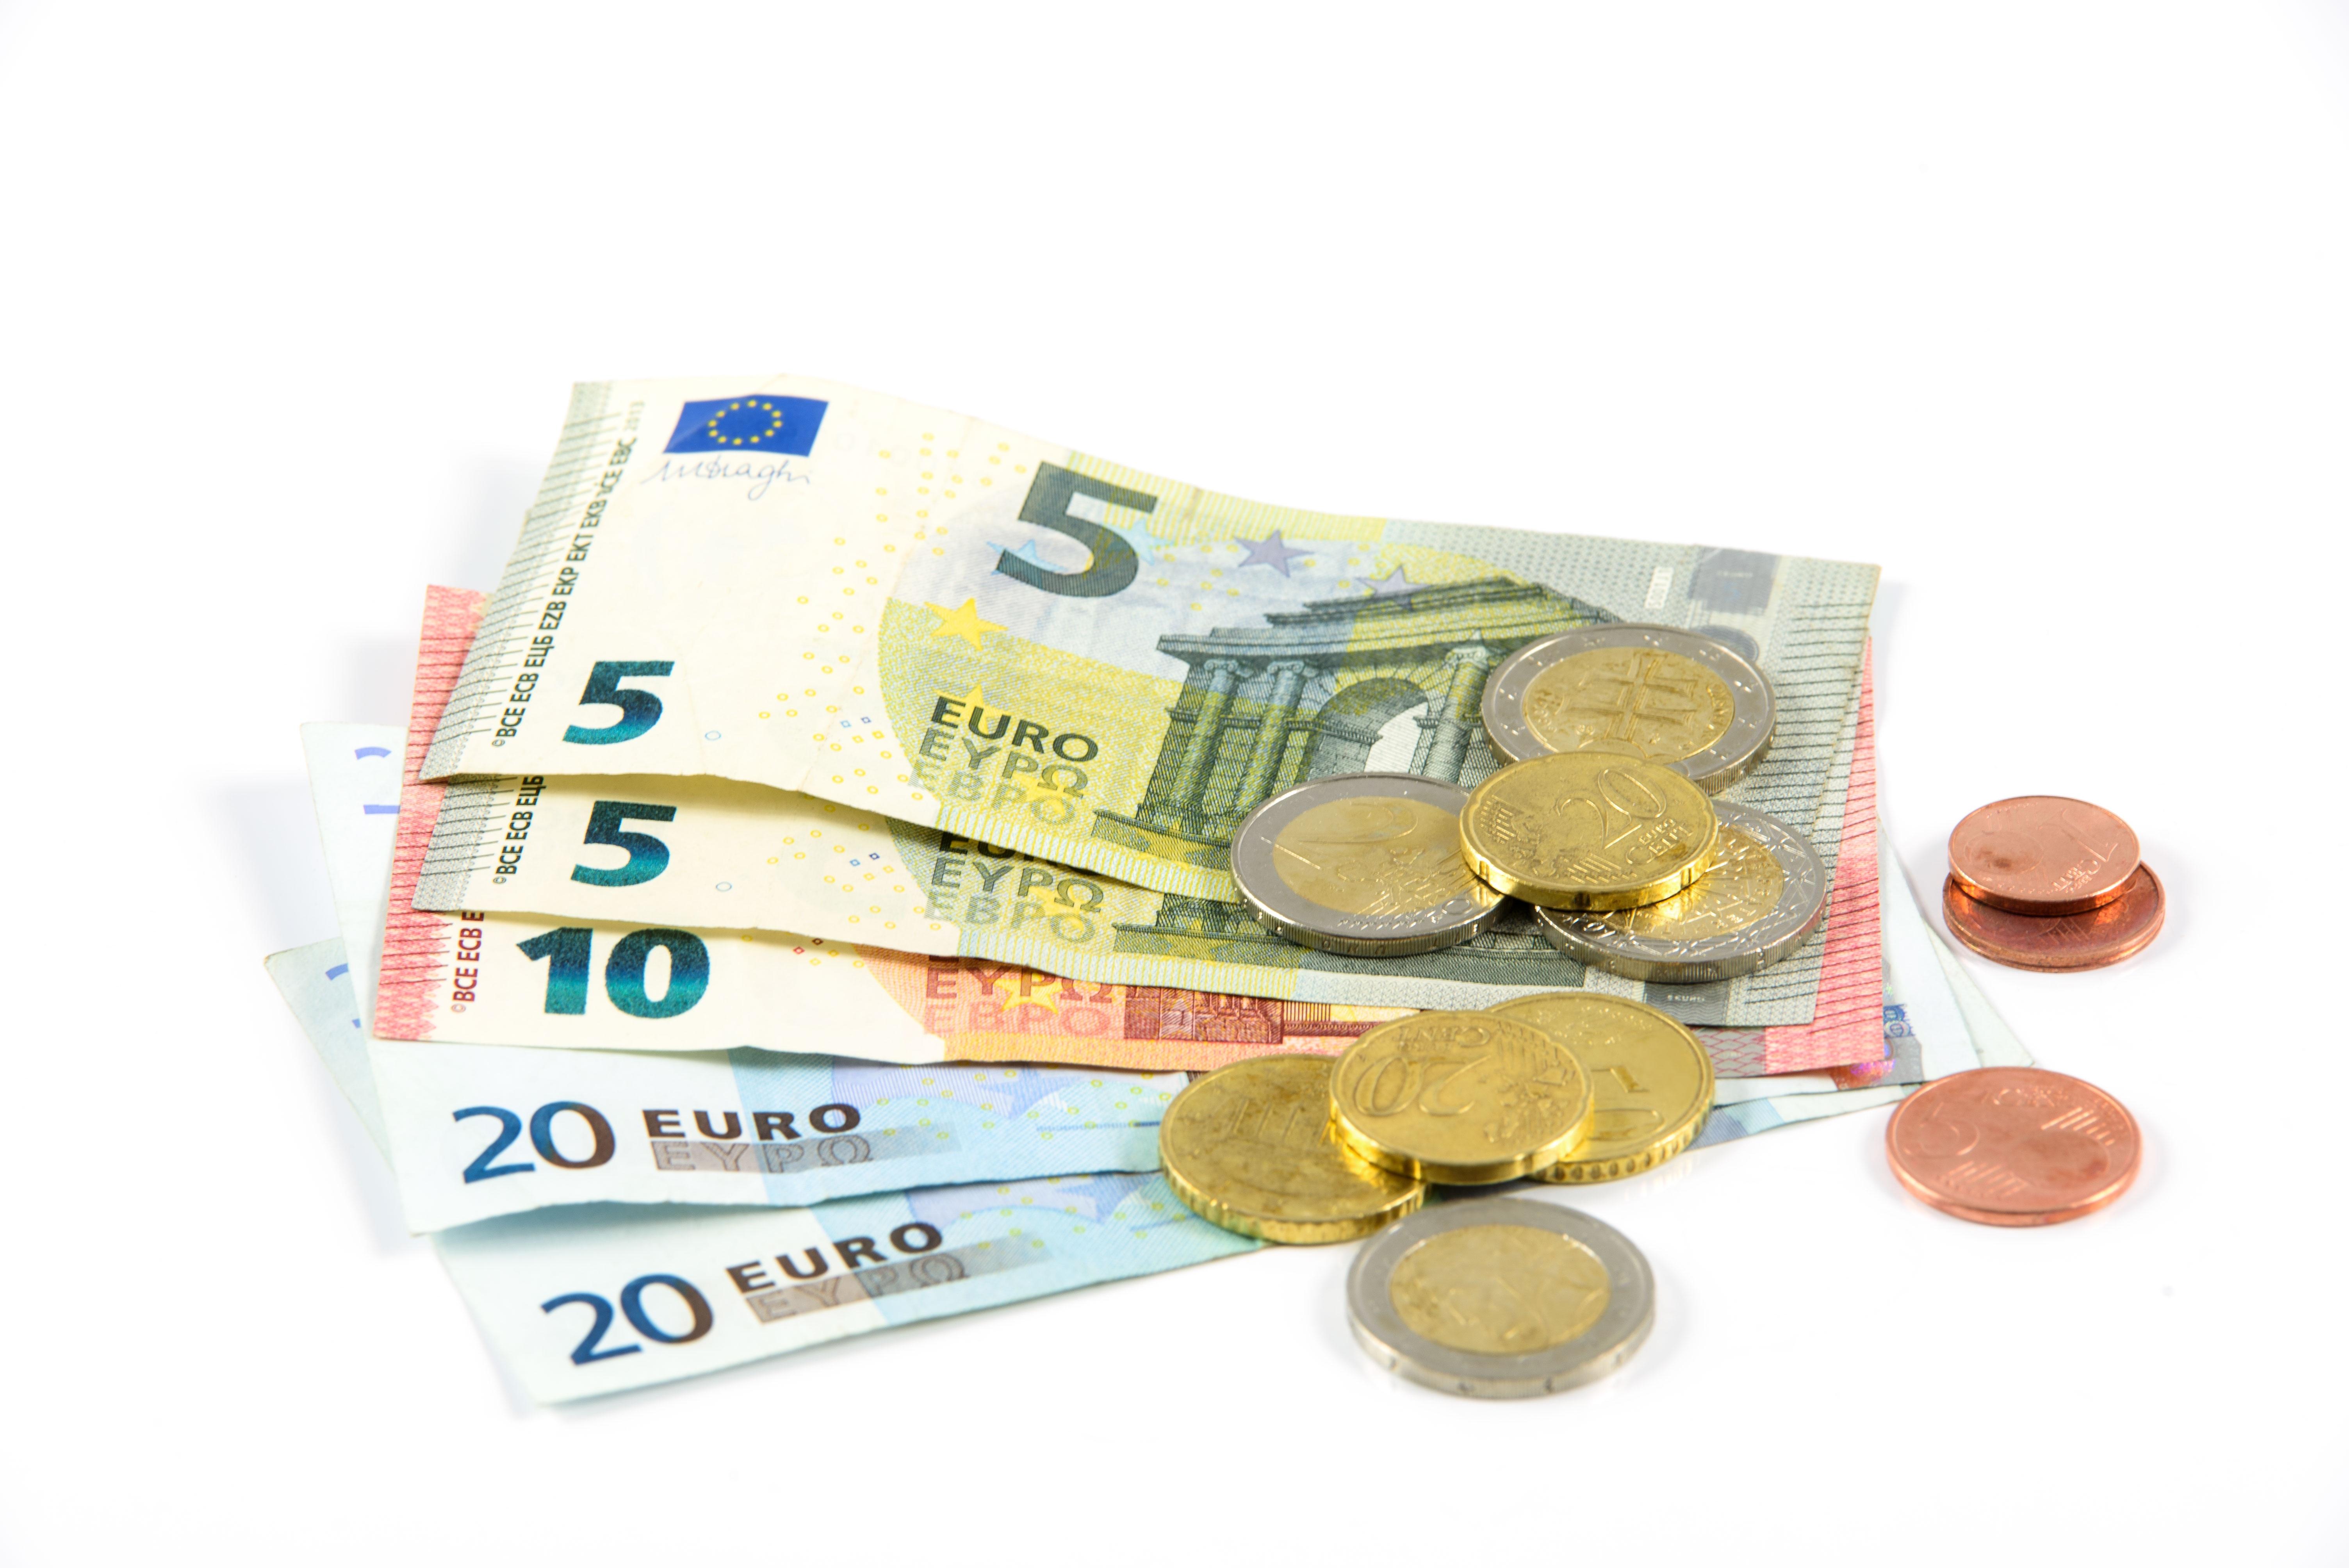 Cash Euro